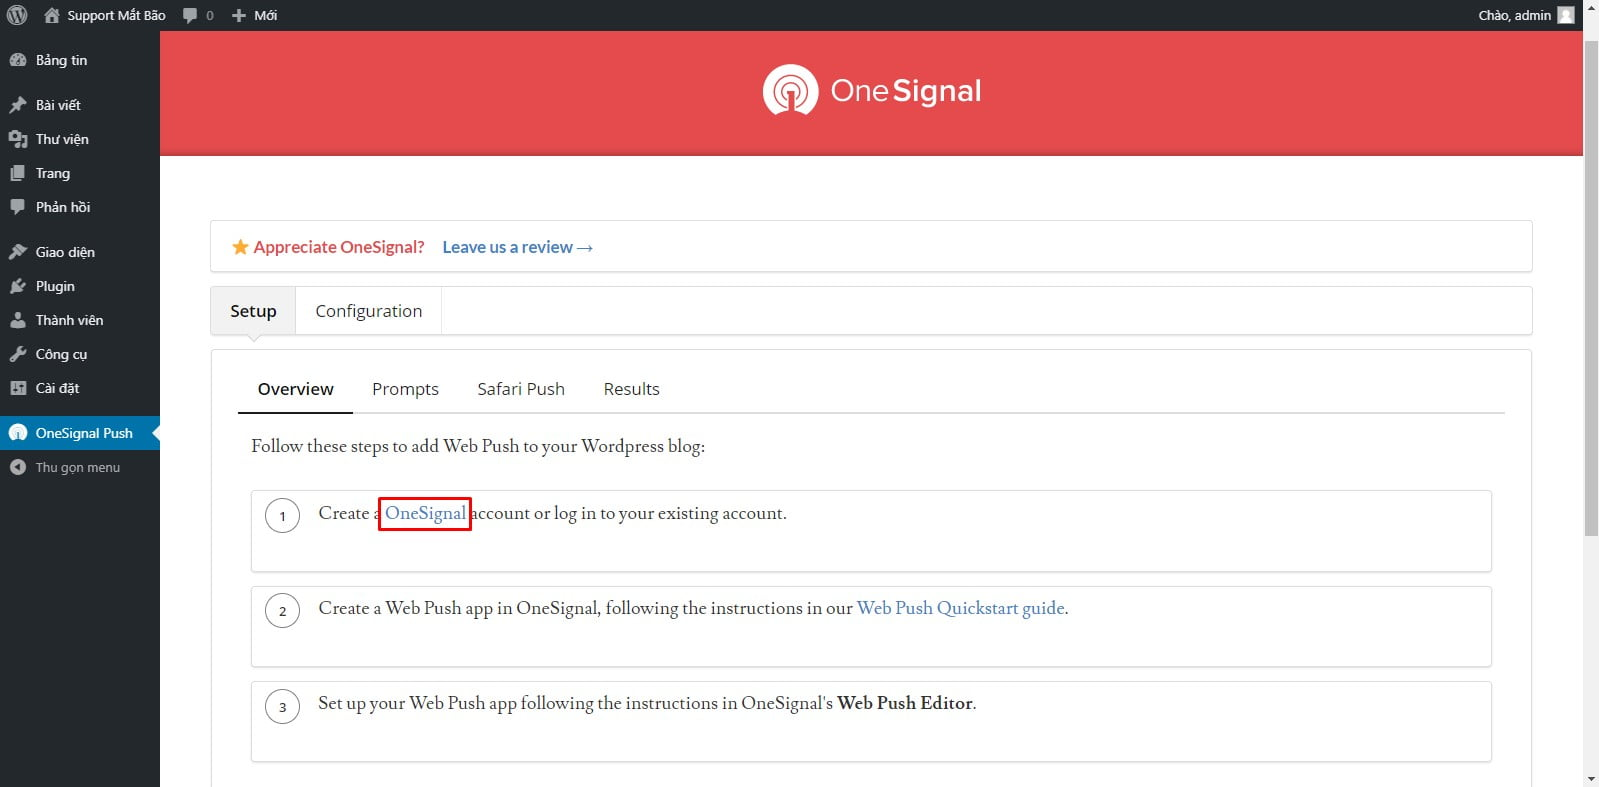 07 - Hướng dẫn cài đặt thông báo đẩy OneSignal cho WordPress từ A tới Z - Trung tâm hỗ trợ kỹ thuật